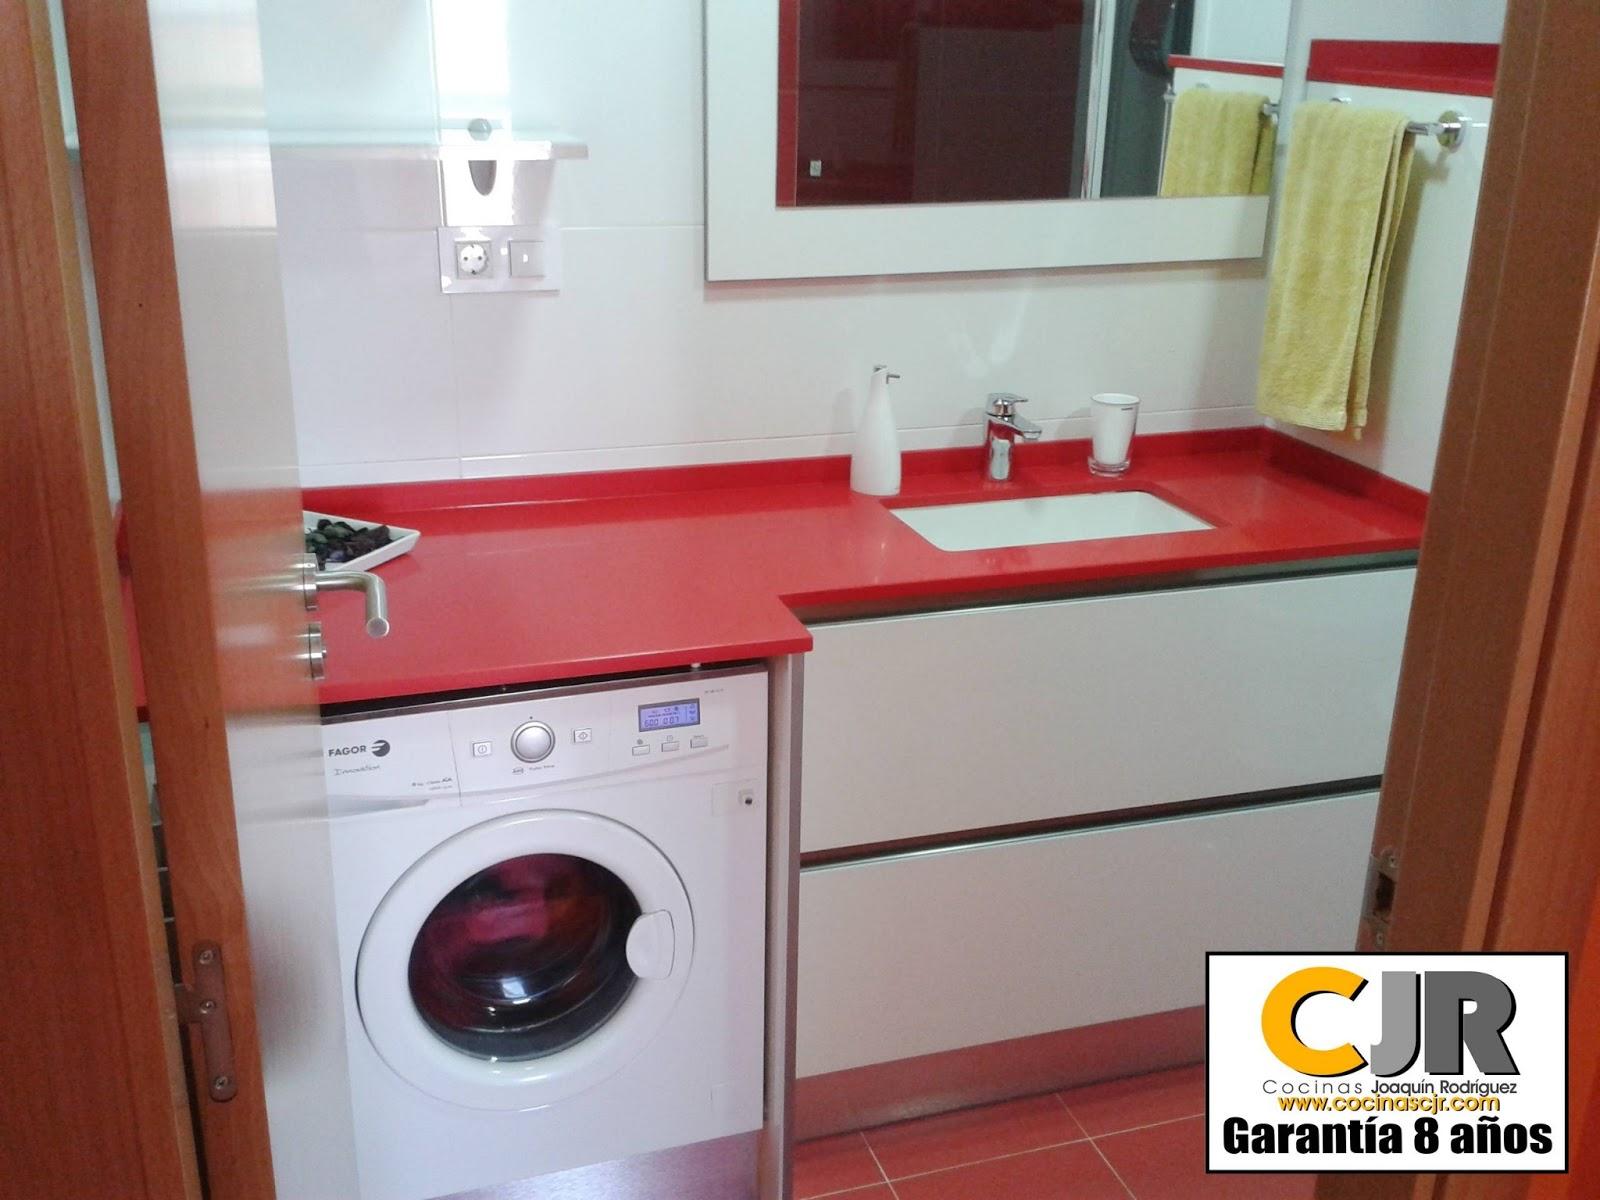 Reforma completa ba o cocinas cjr for Muebles para lavadoras en el bano